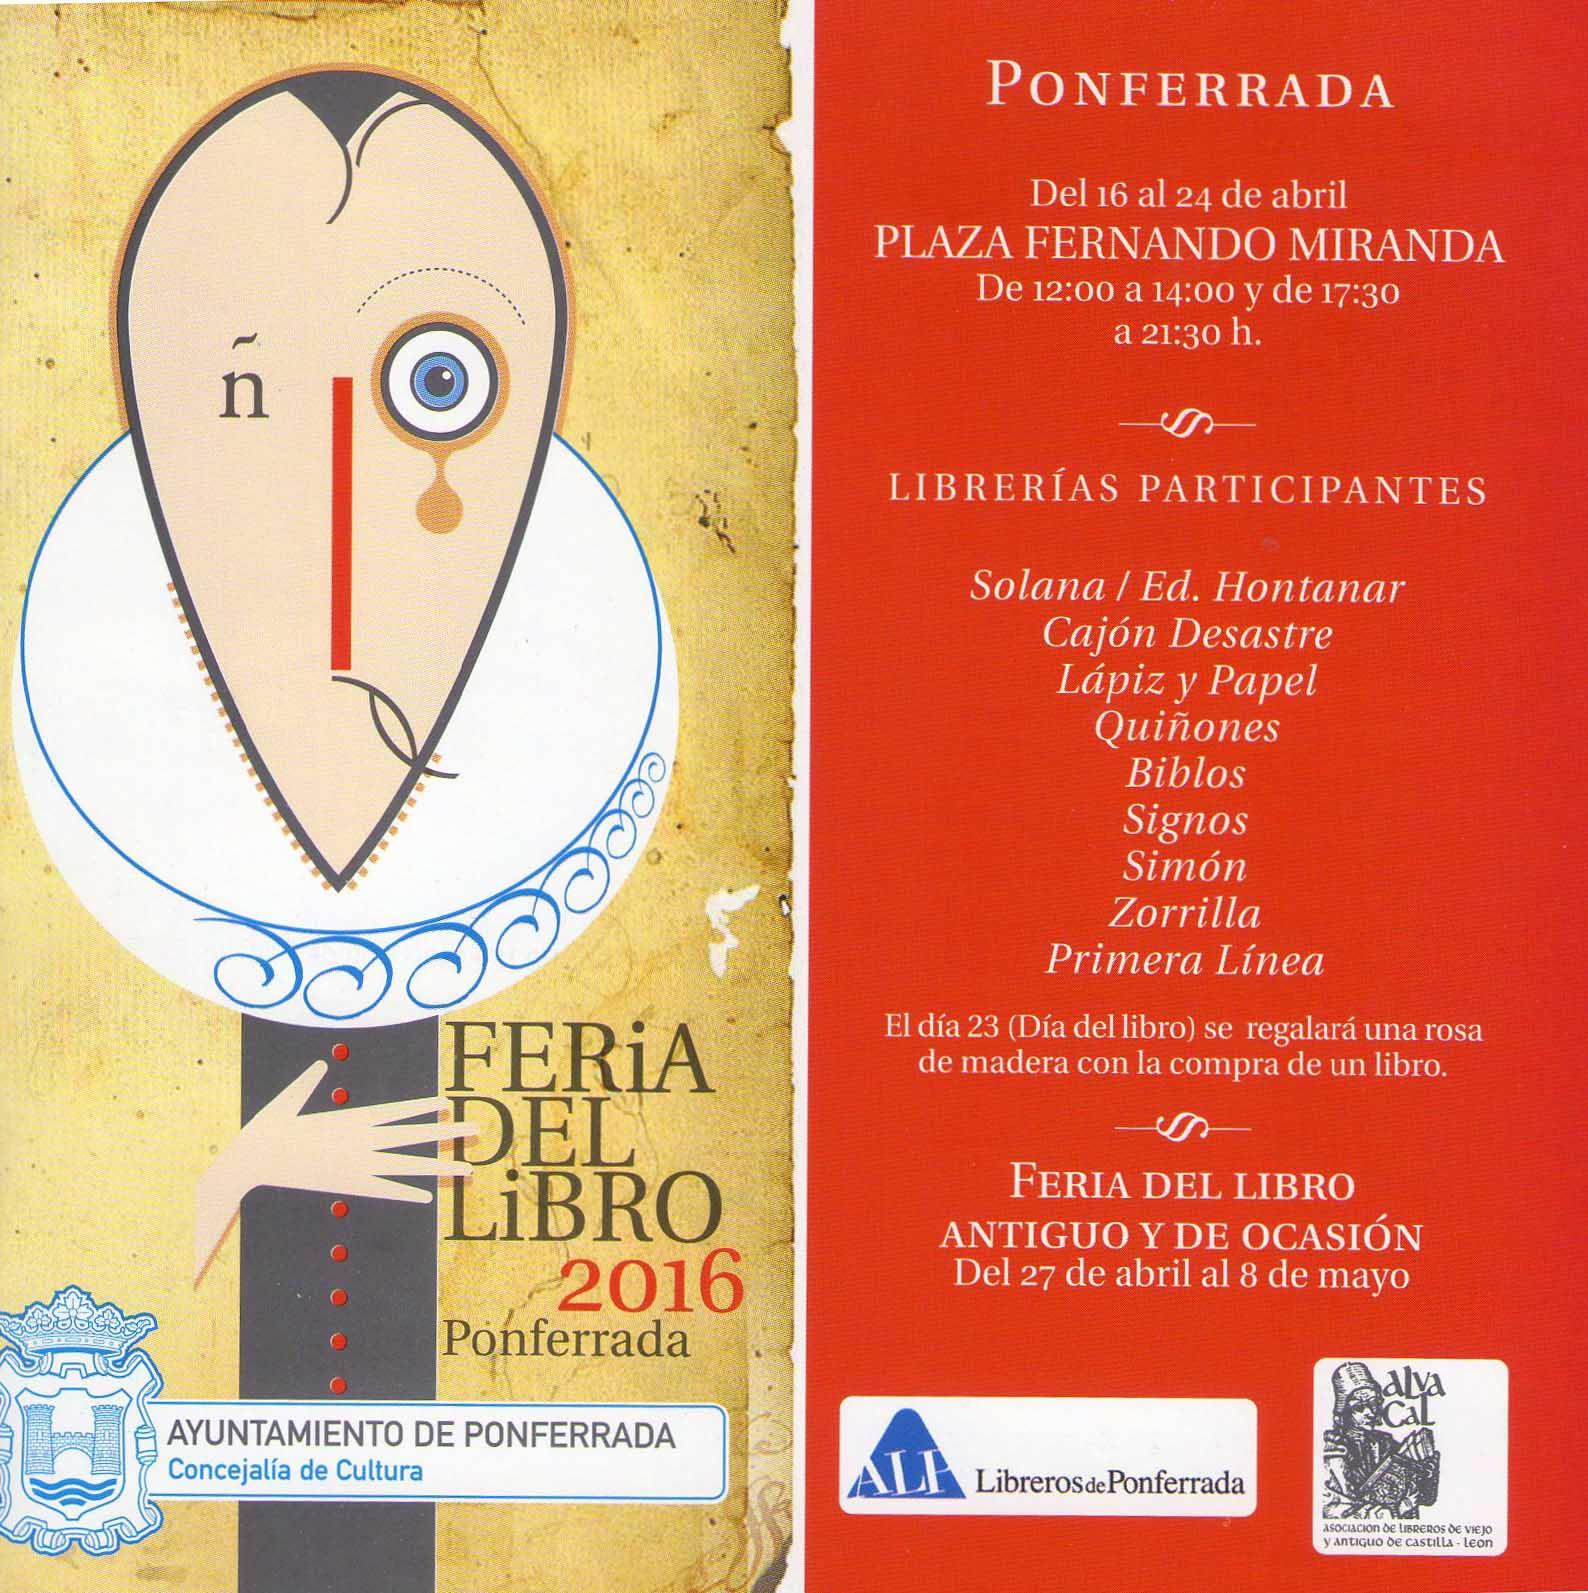 Feria del libro de Ponferrada 2016